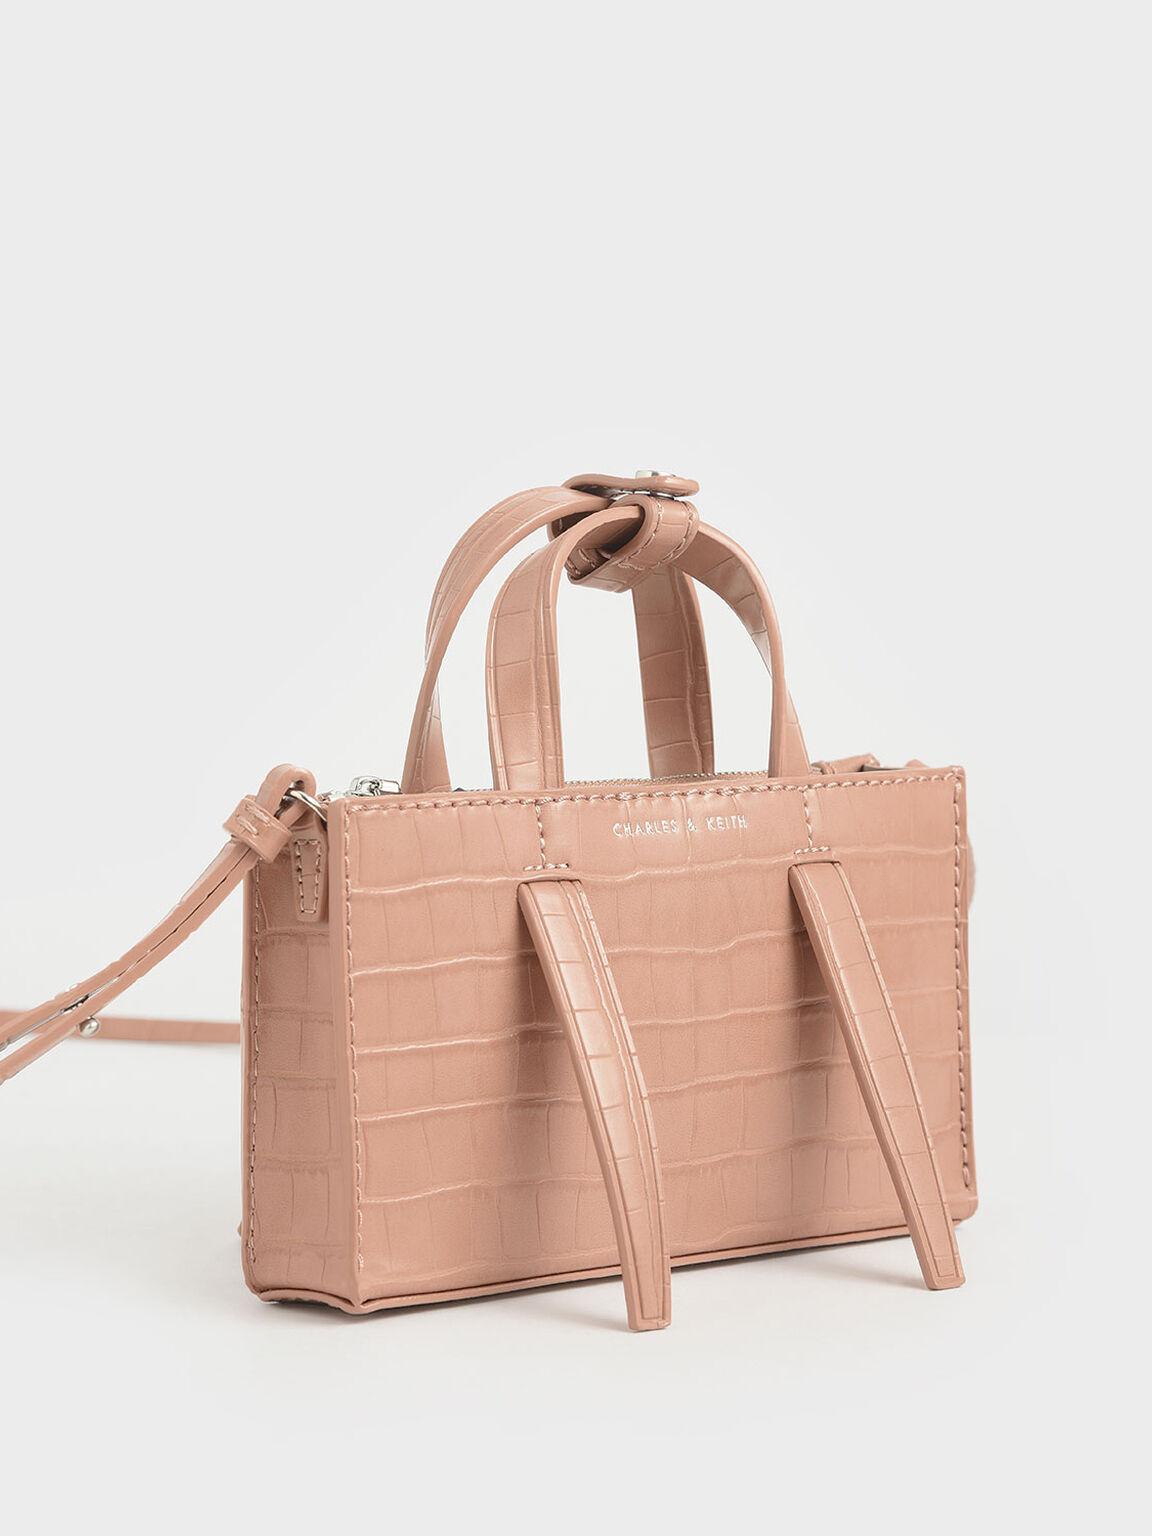 Croc-Effect Double Top Handle Bag, Blush, hi-res